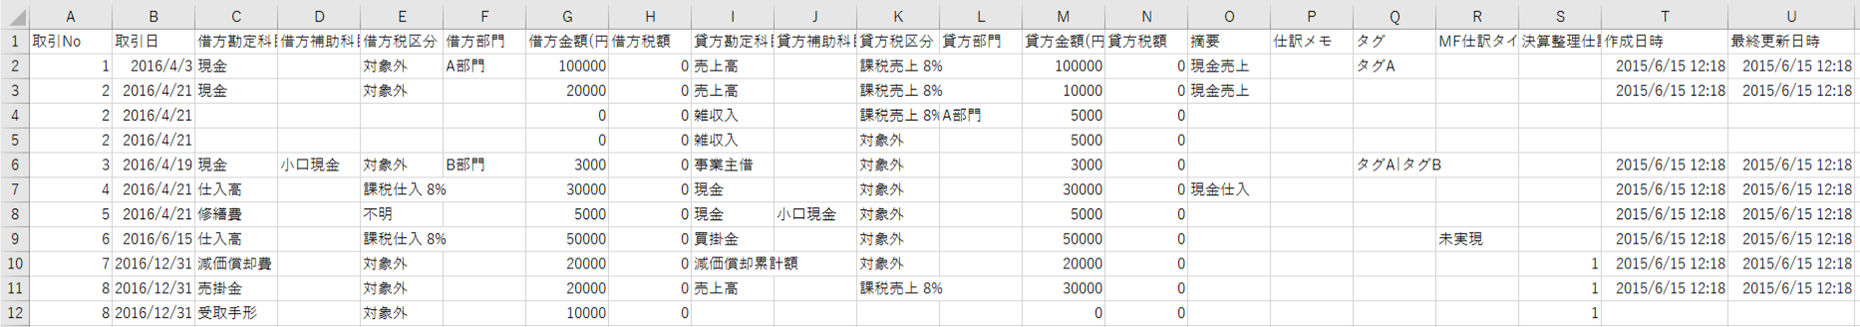 %e4%bb%95%e8%a8%b3%e5%b8%b3_%e6%9c%ac%e4%bd%93_00